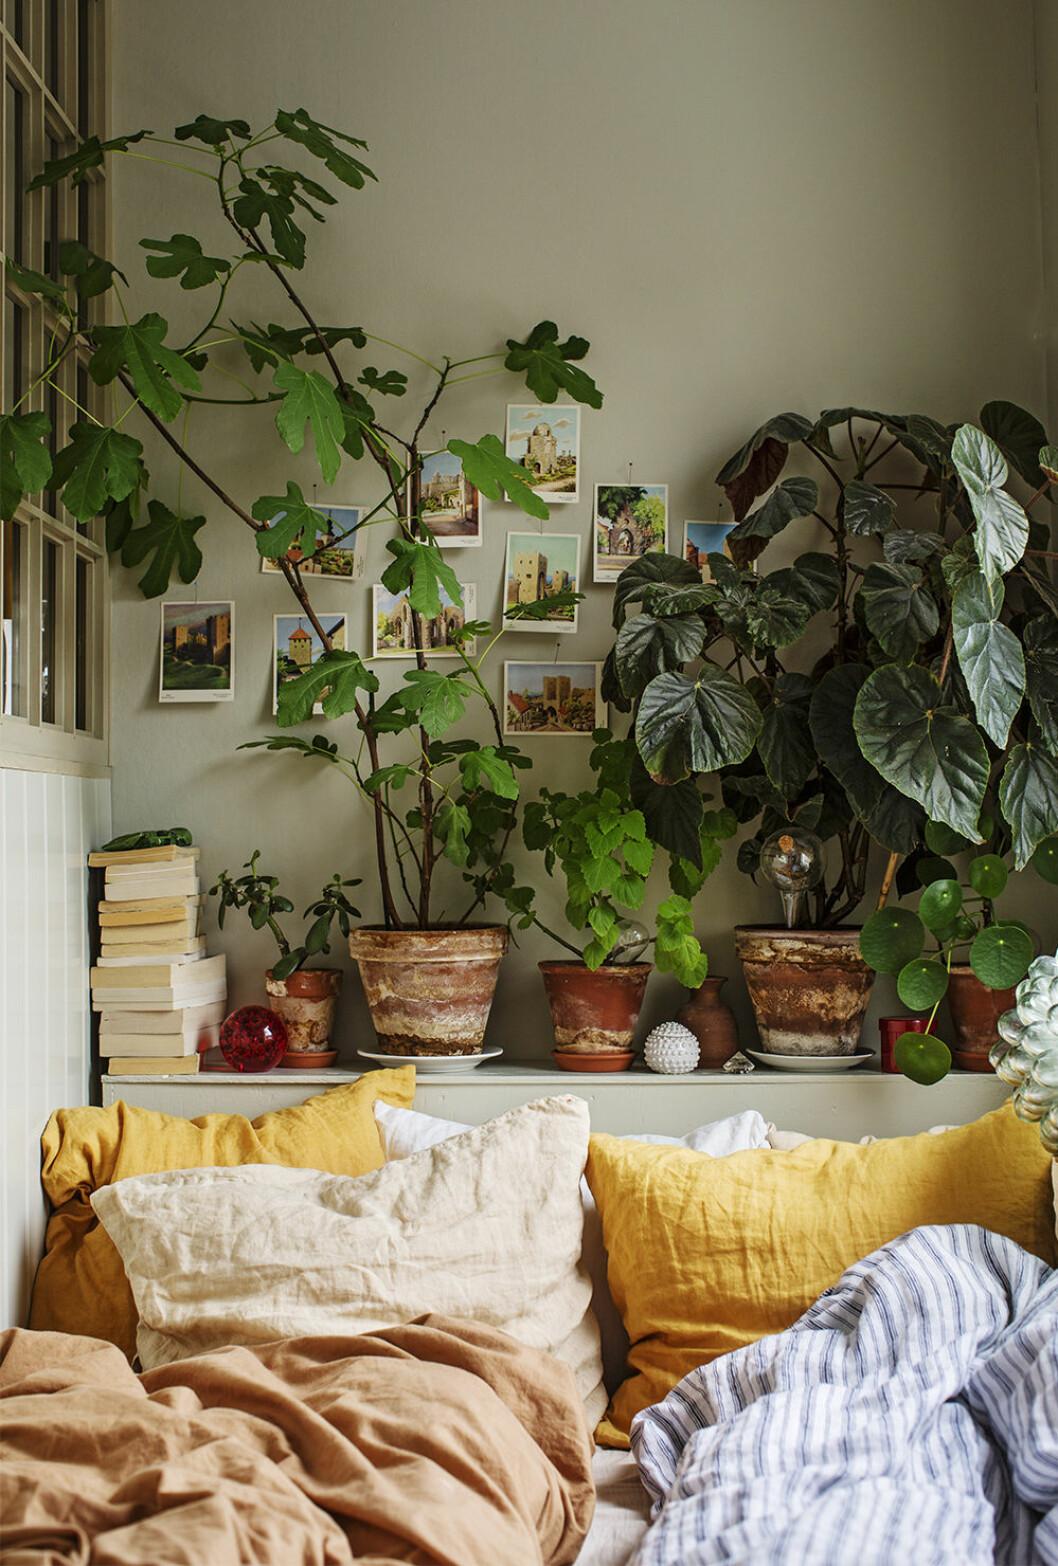 Mysig sovrum med växter och grön vägg